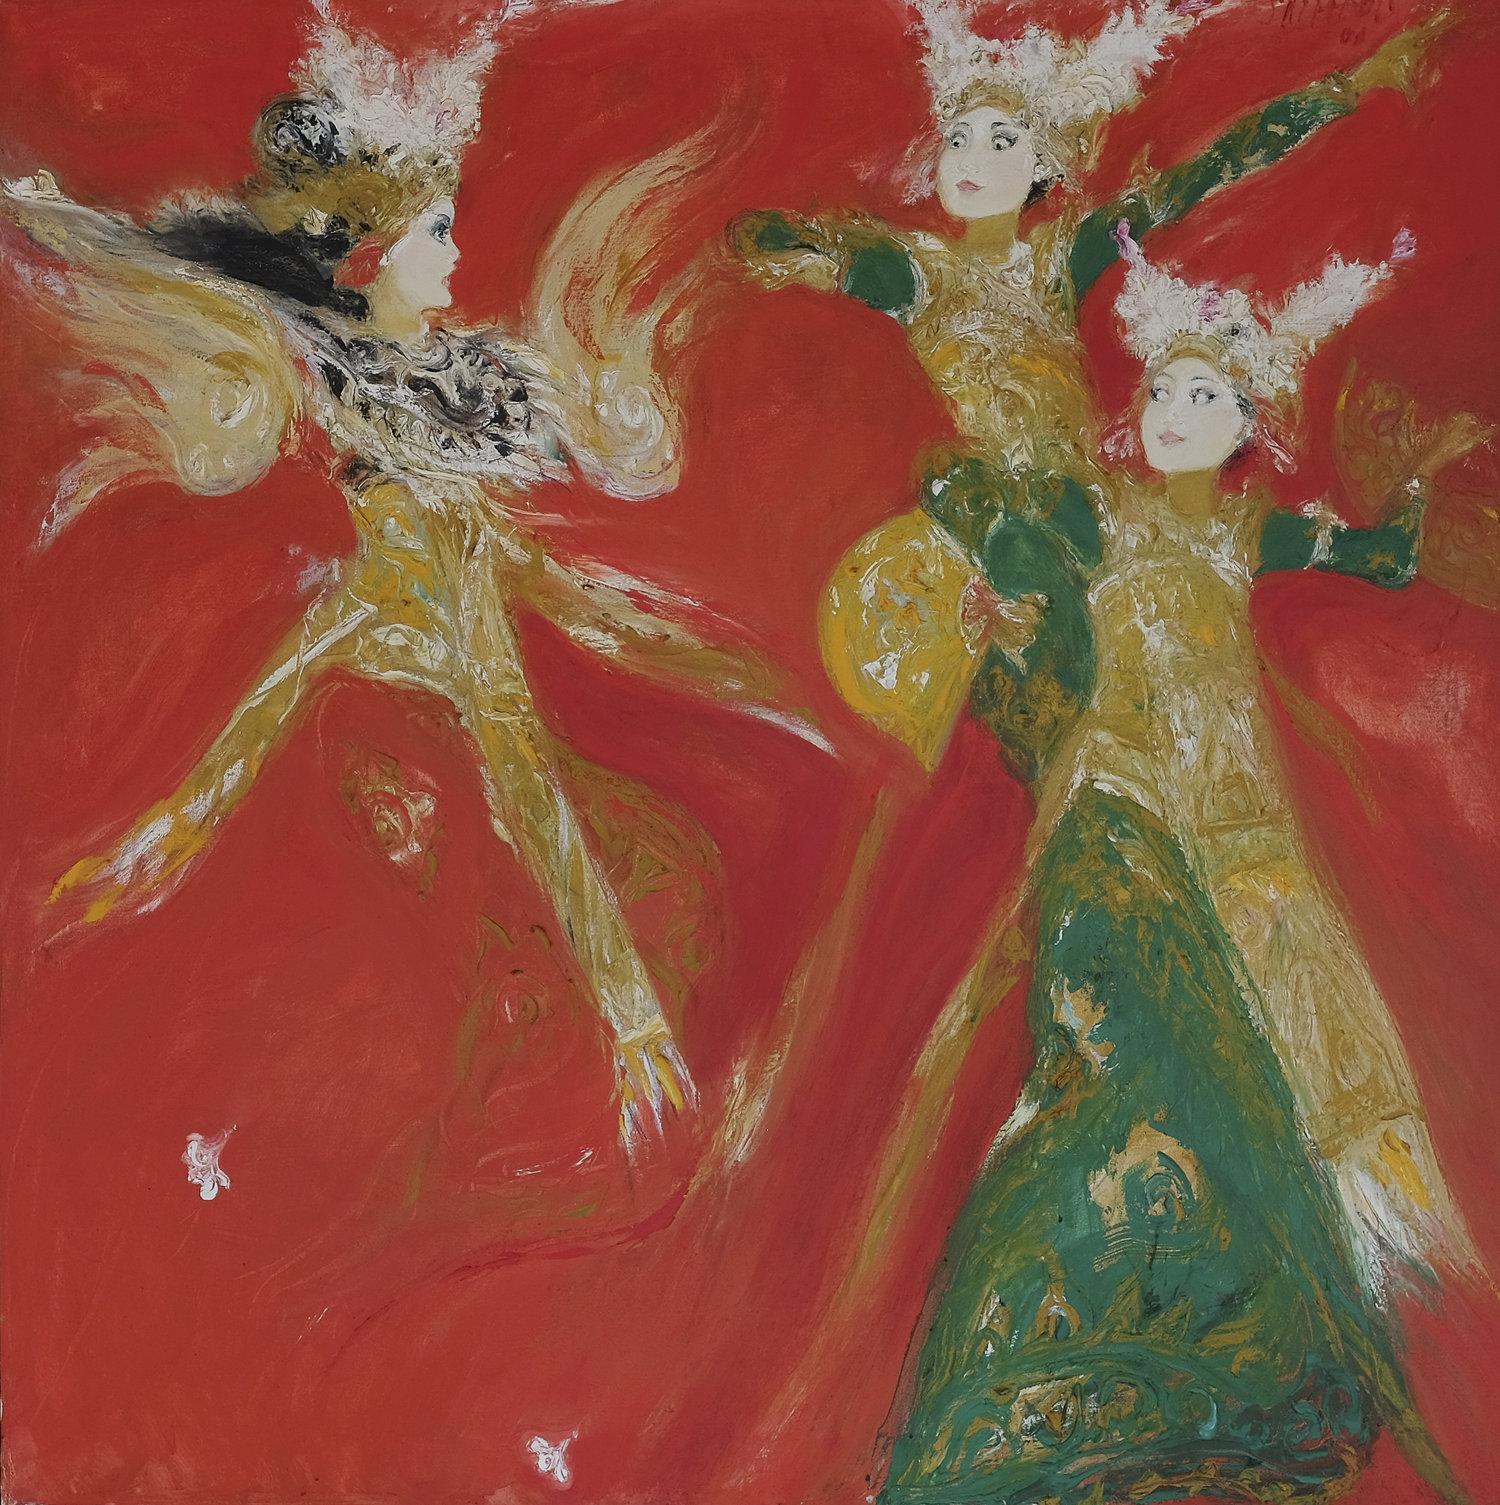 Srihadi Soedarsno, Spirit Legong, 2001, 150 x 150 cm